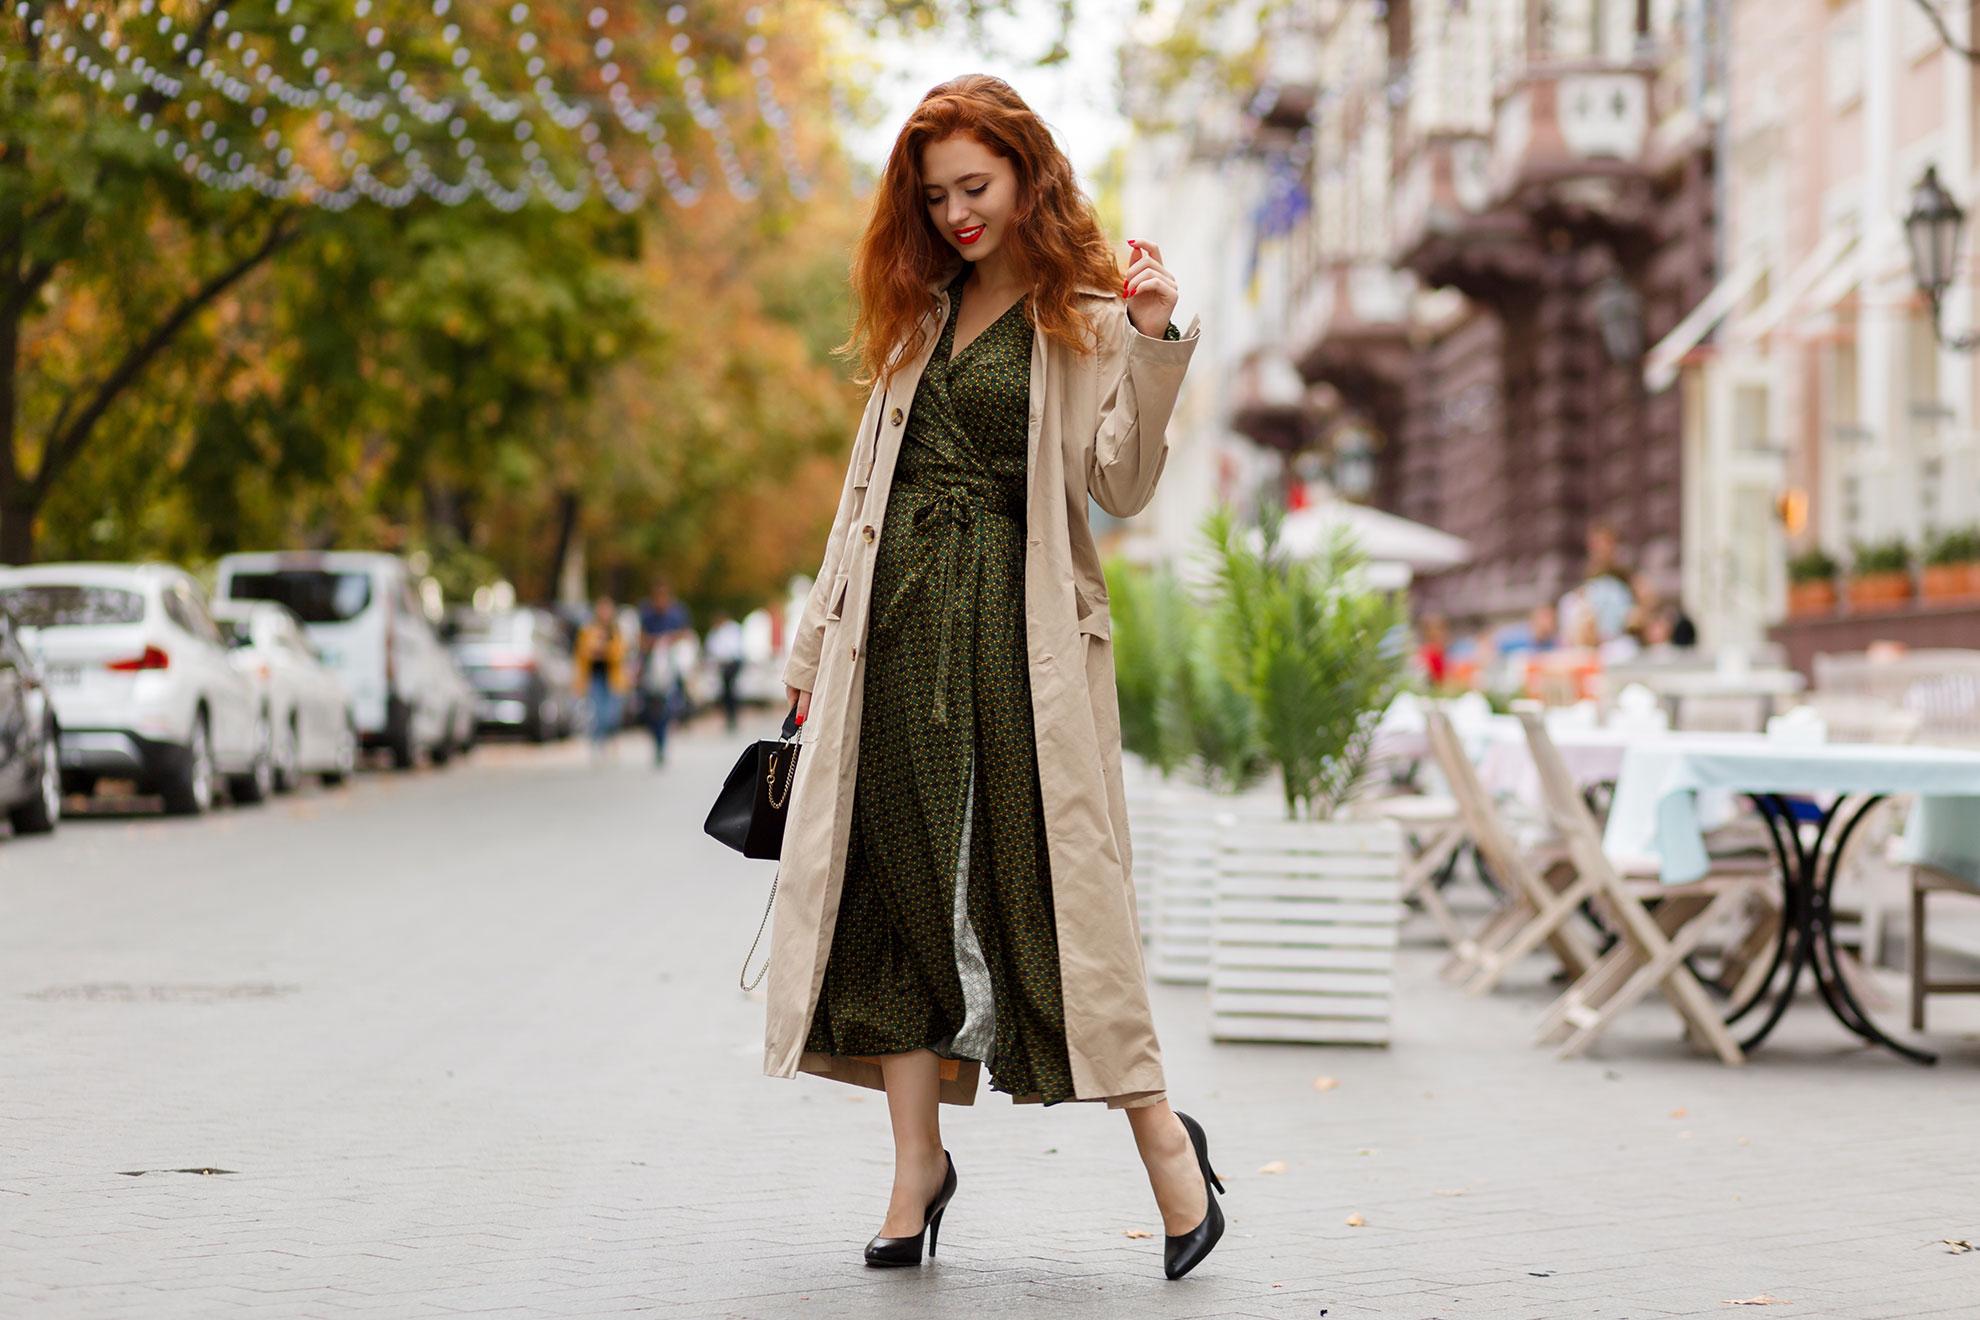 Kobieta w płaszczu i sukience, ilustracja